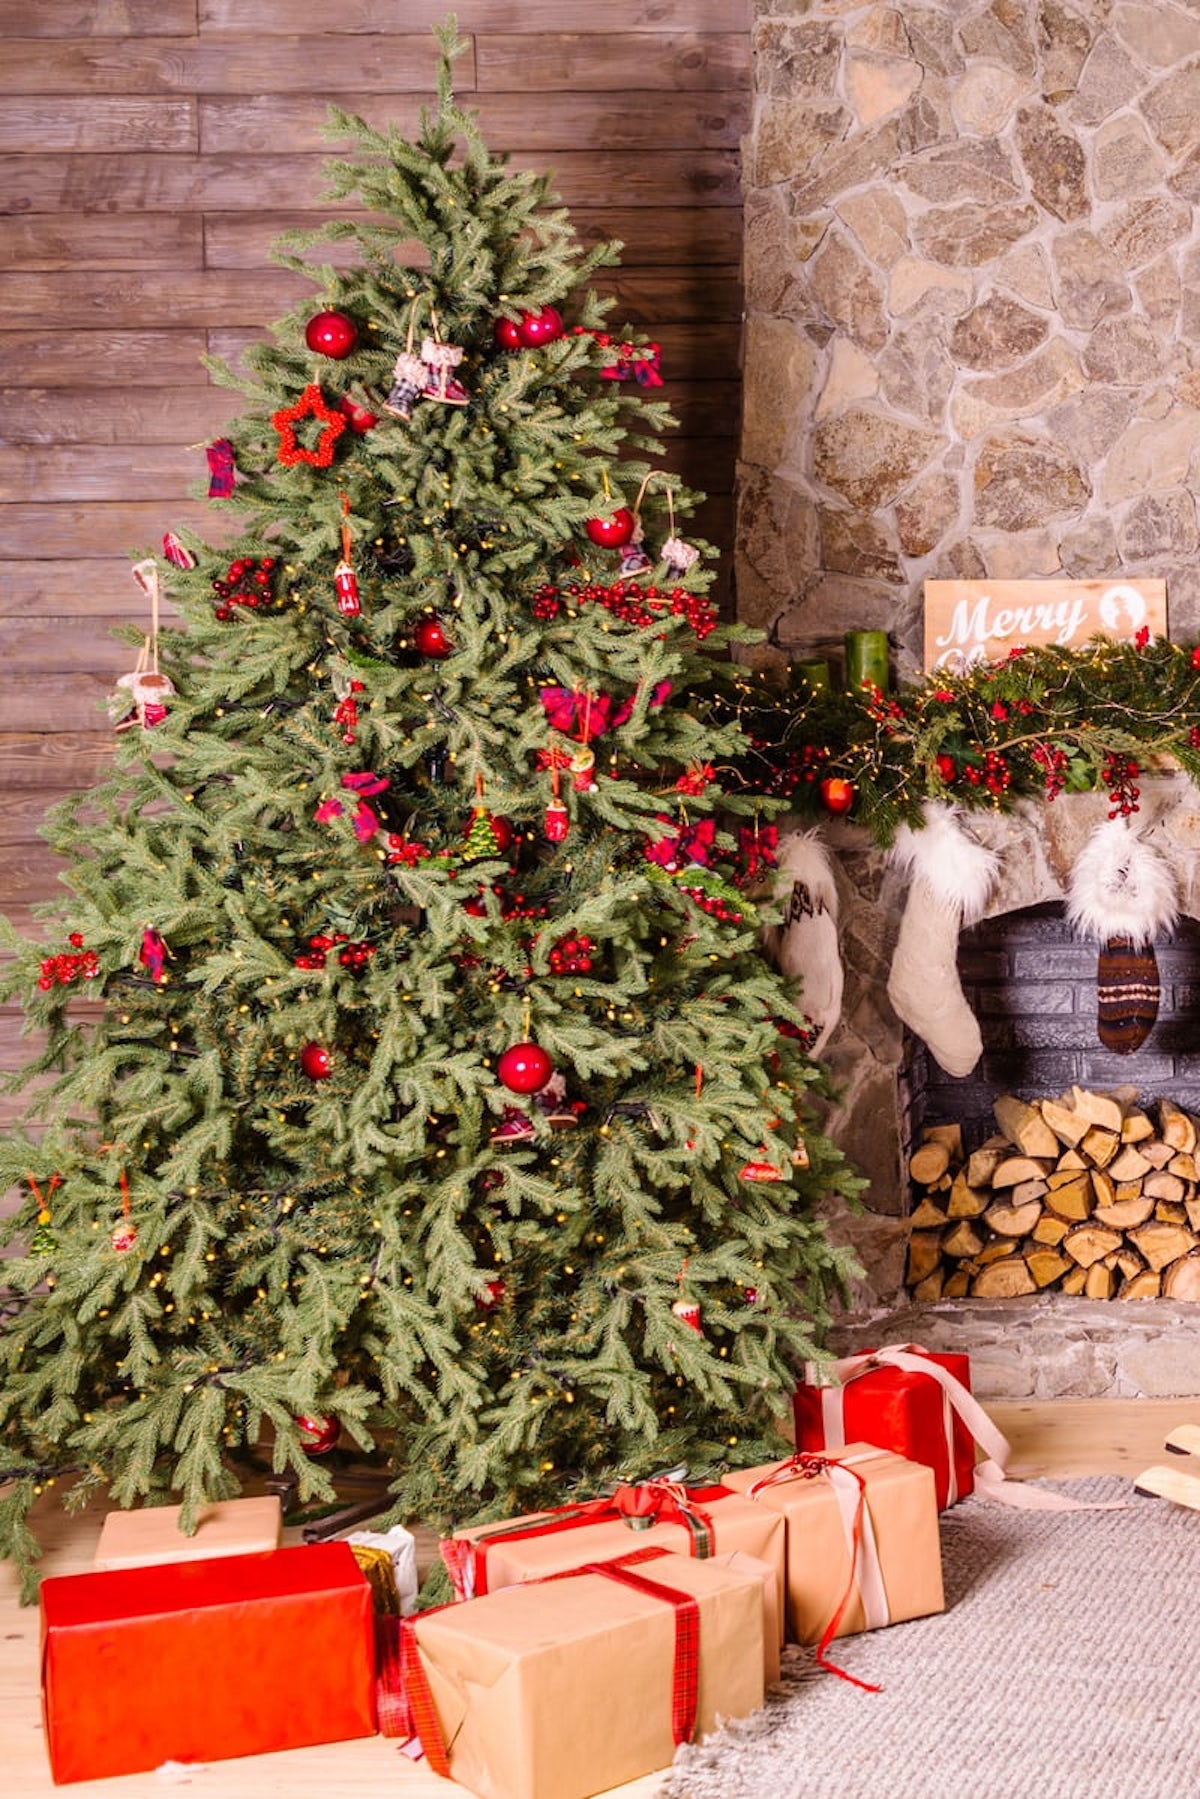 salon de noël sapin naturel ouartificiel paquet cadeau guirlande boule de noël cheminée - blog - clematc